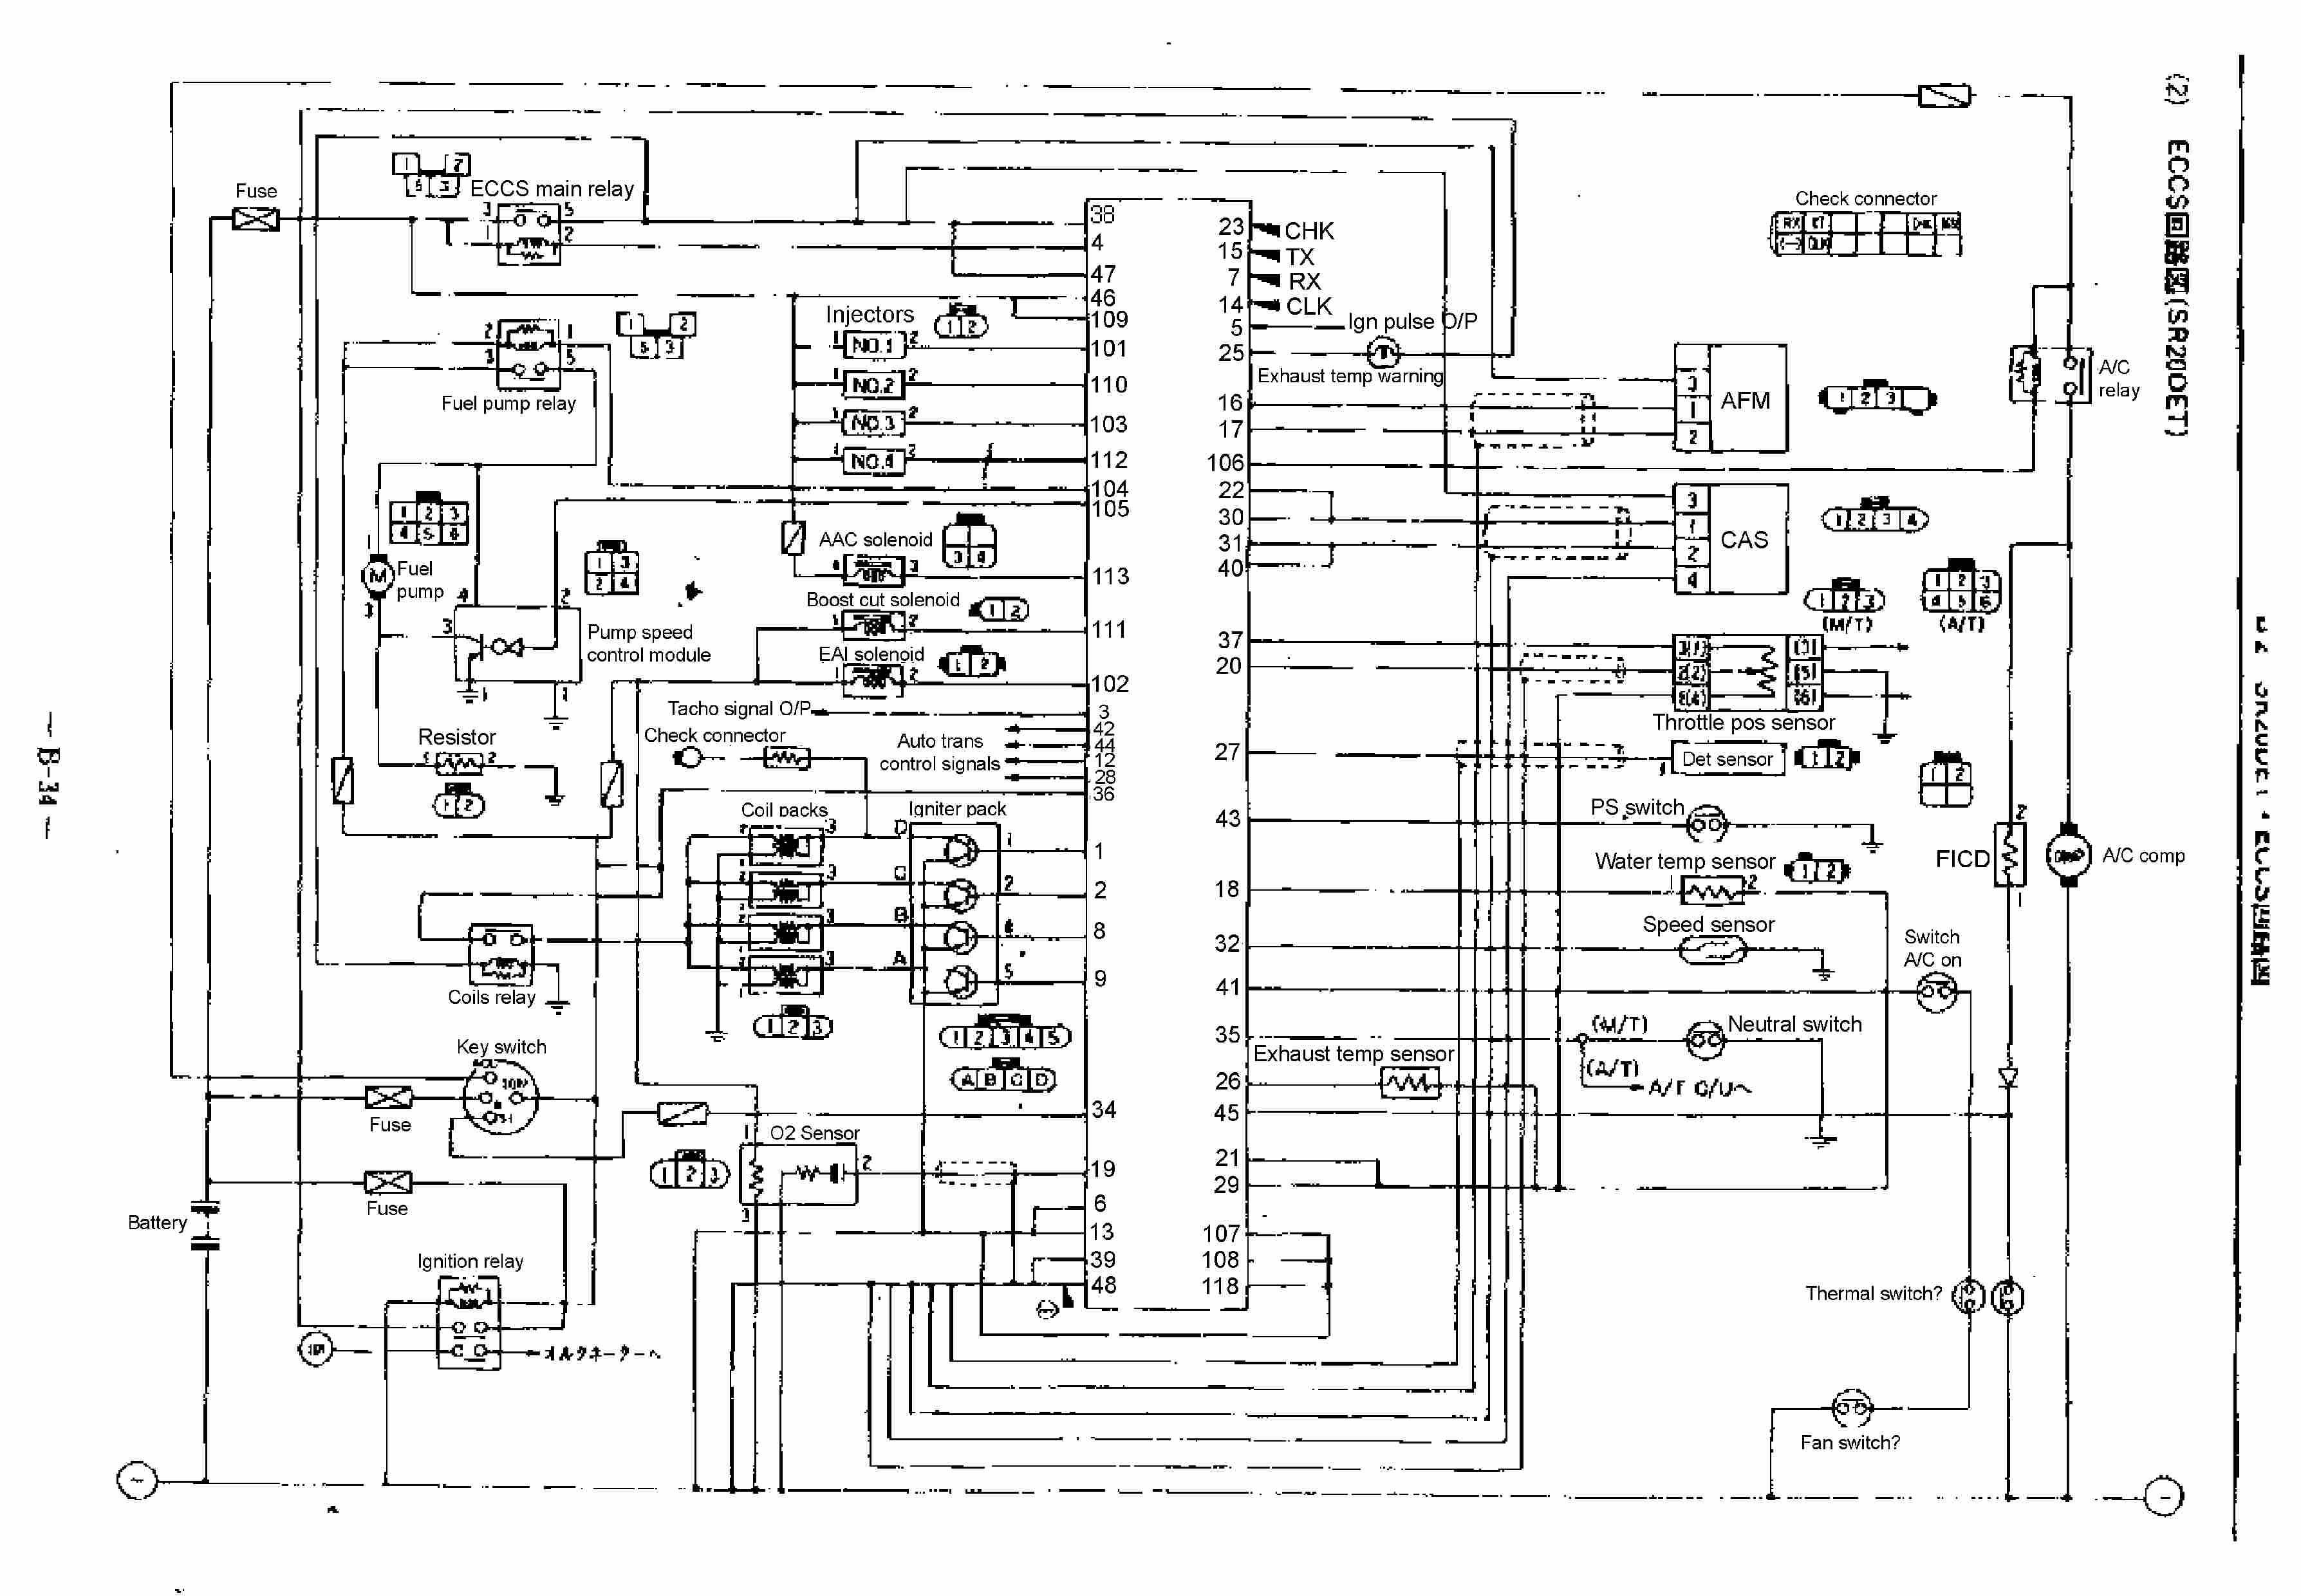 Car Ac Diagram Electrical Wiring Diagrams Collision Body Repair Manual Nissan Note Of Car Ac Diagram